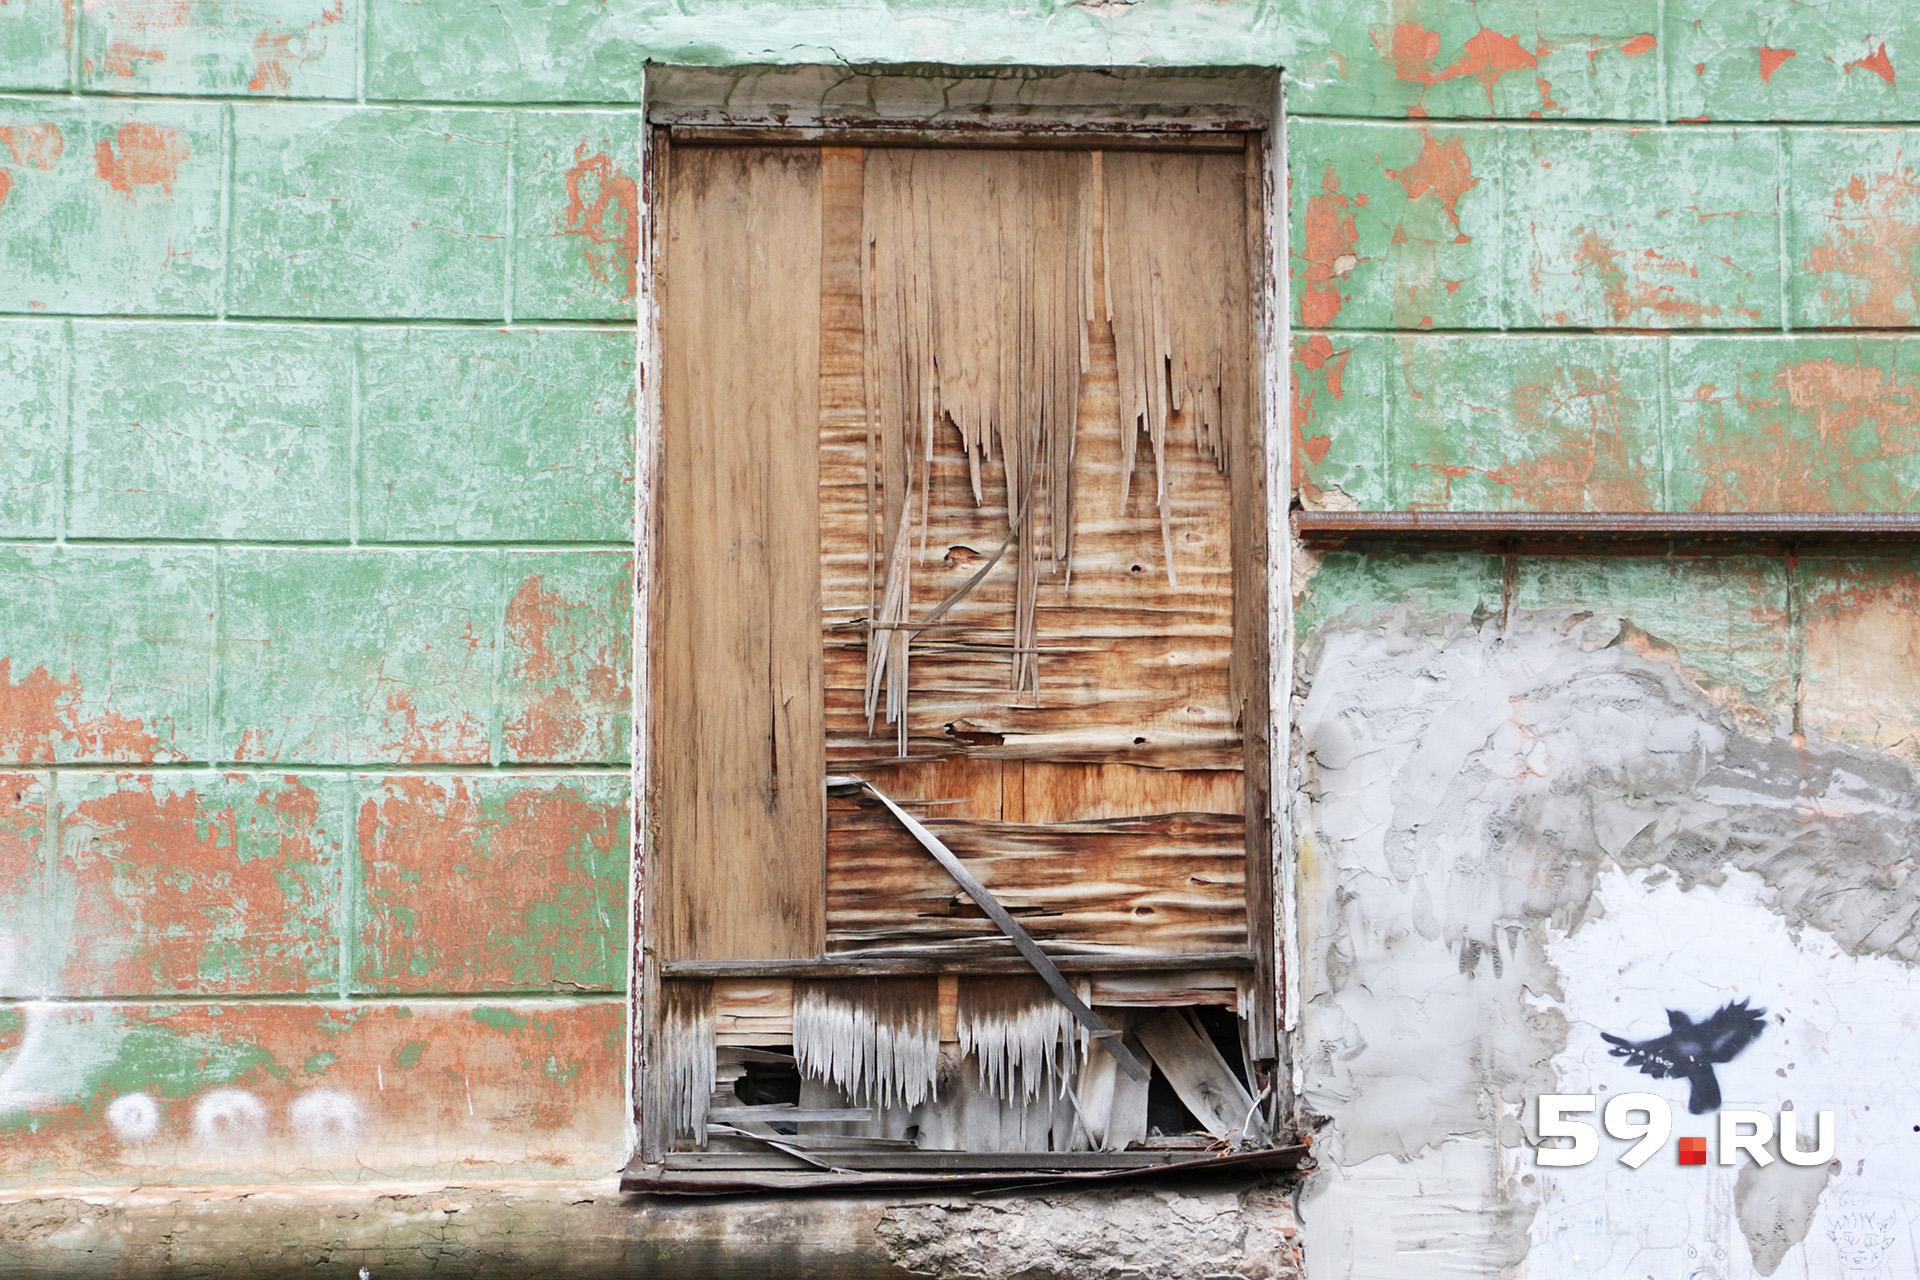 Окна некоторых помещений заколочены фанерой